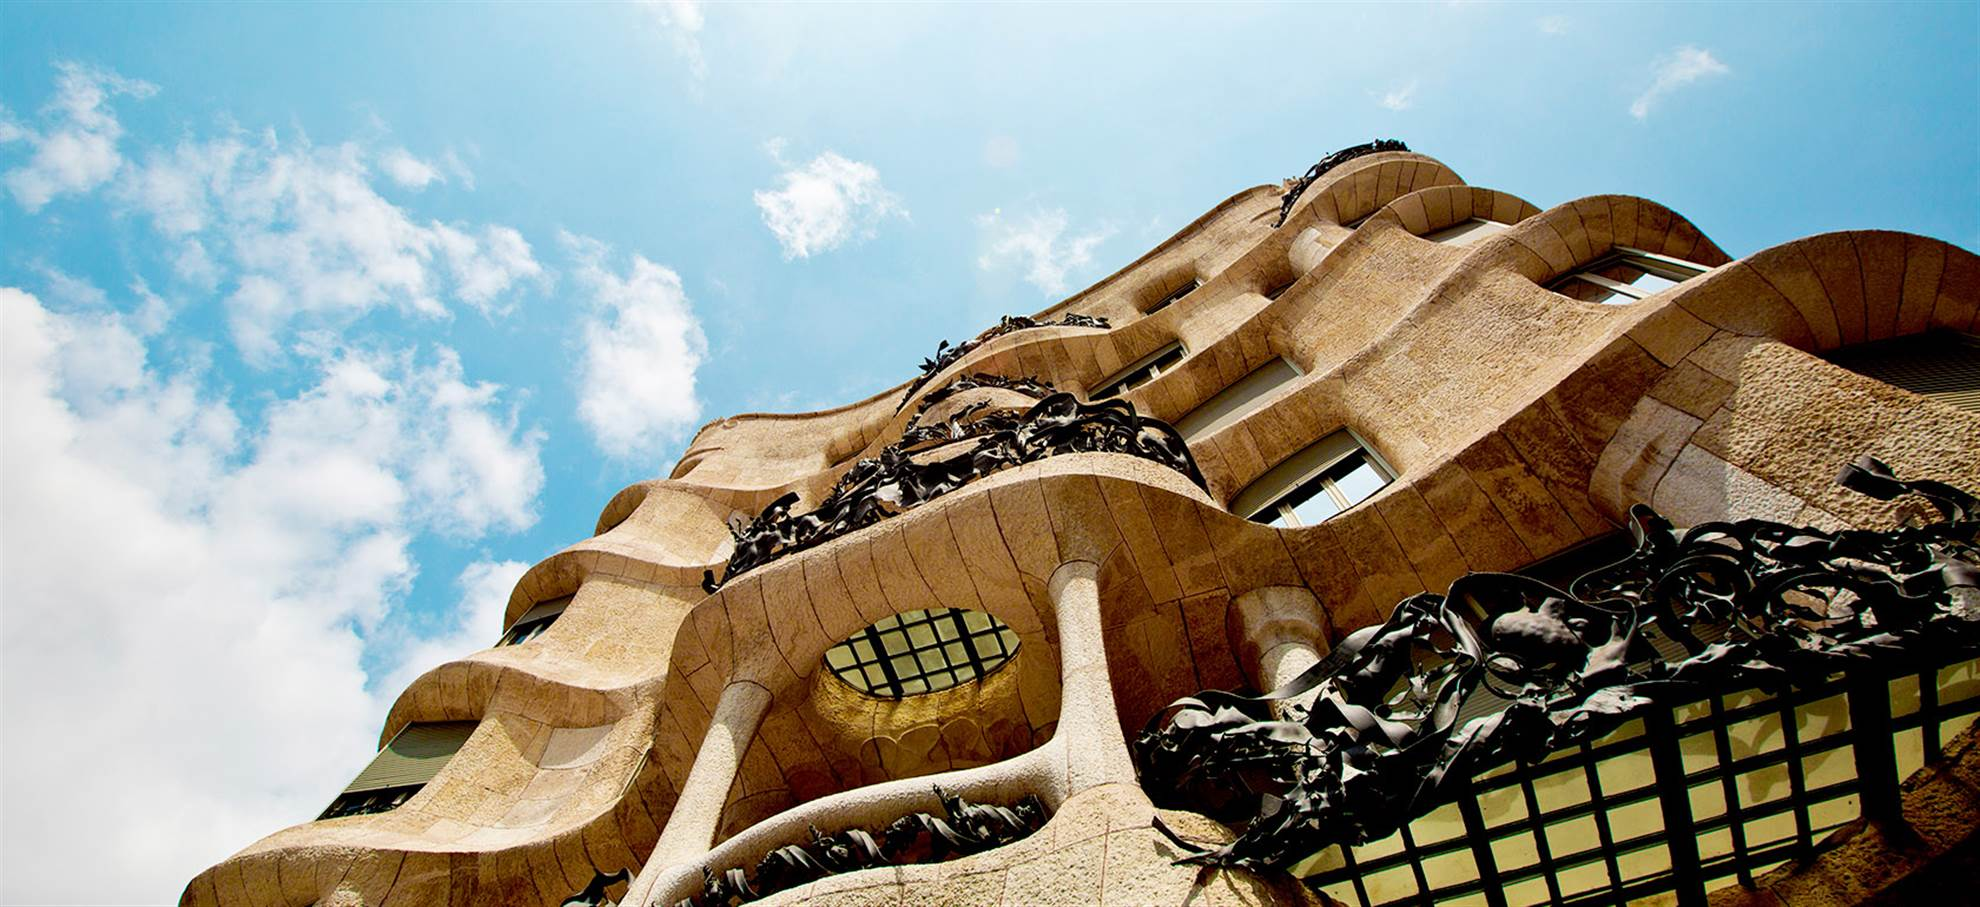 Biglietti salta la code per la Casa Milà - Barcellona